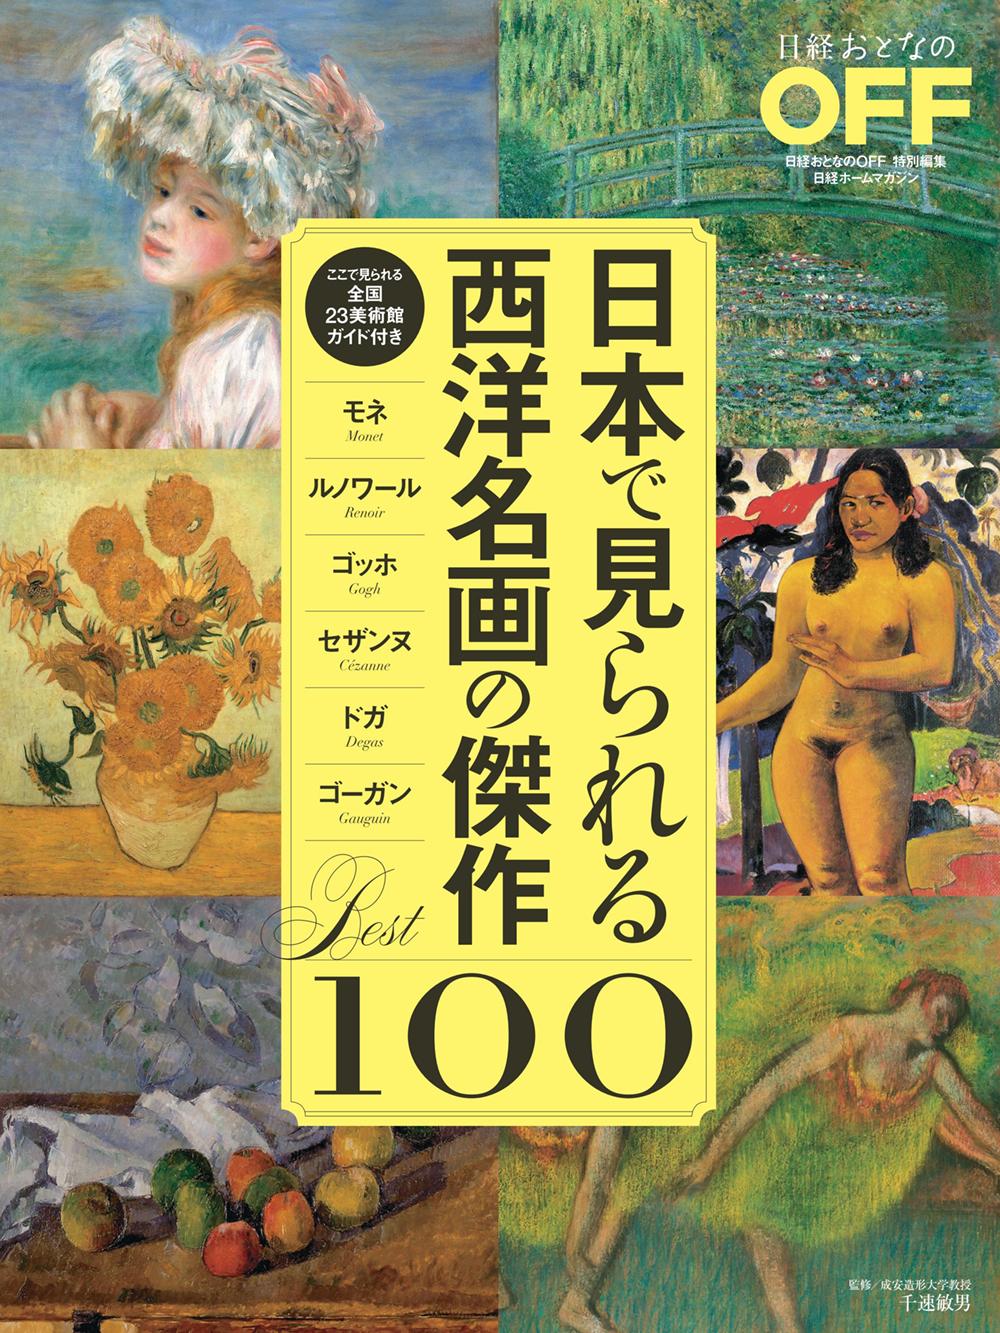 日本で見られる西洋名画の傑作BEST100